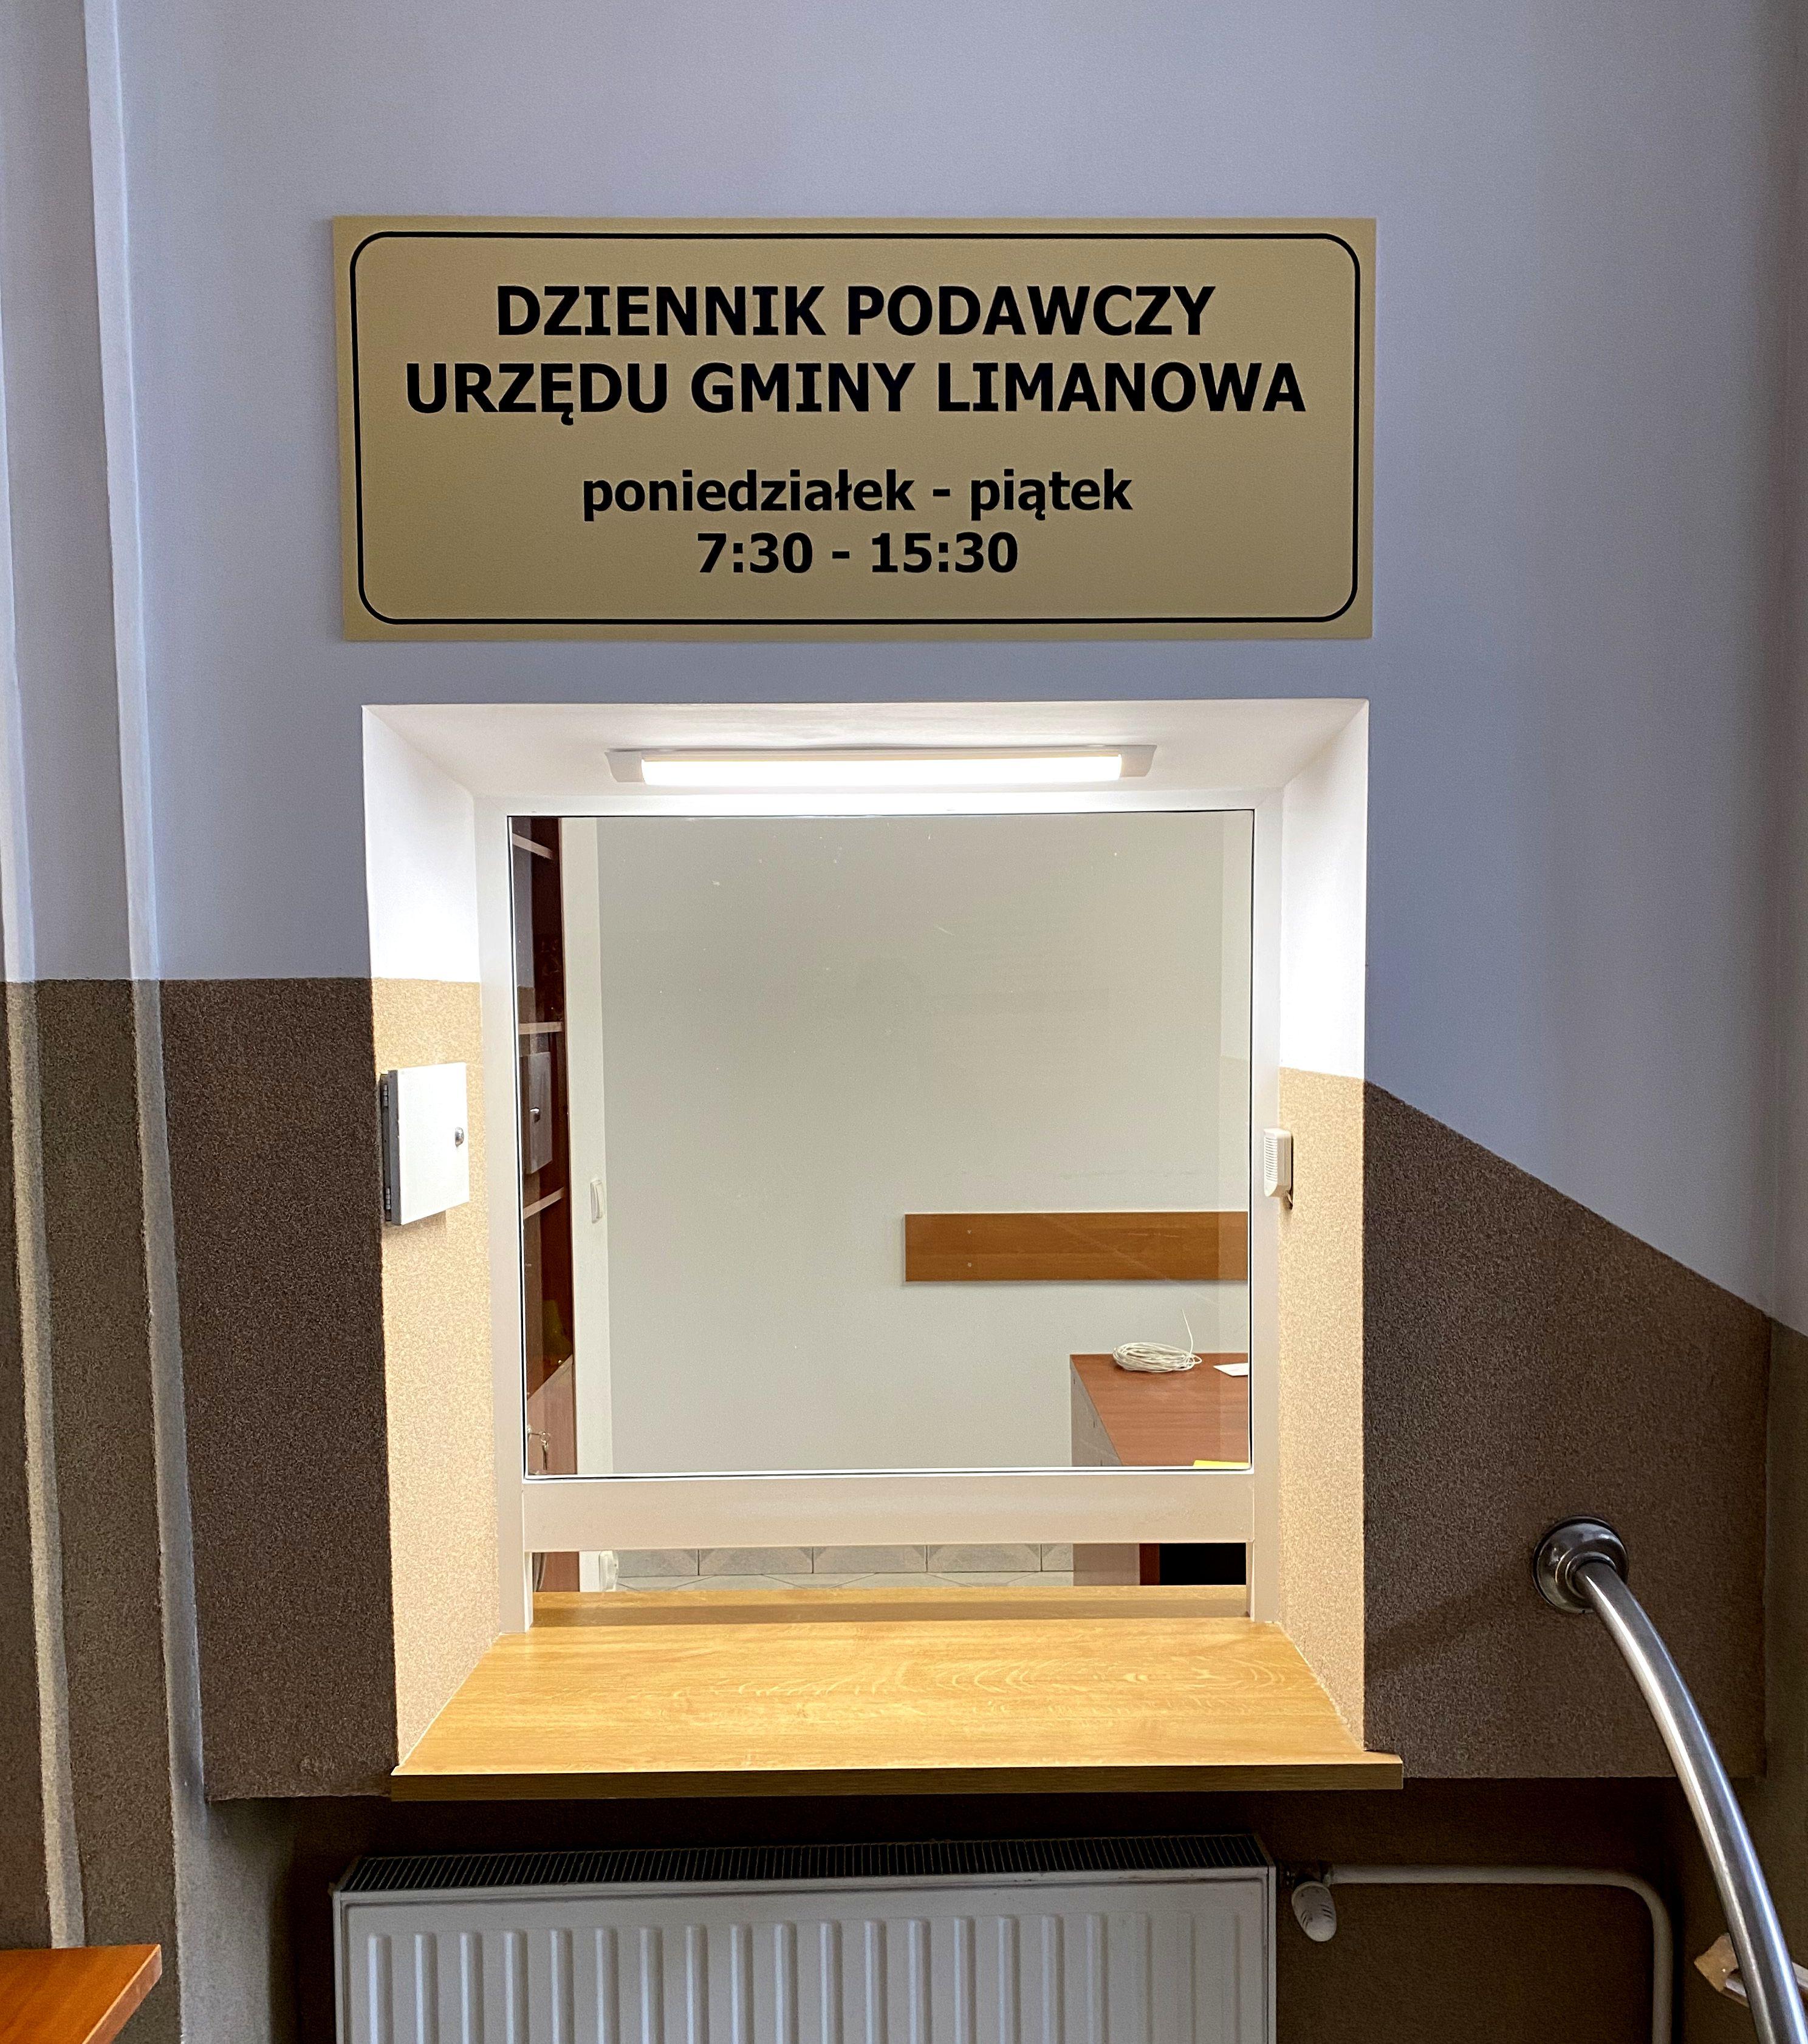 Dziennik Podawczy na parterze Urzędu Gminy - zdjęcie główne